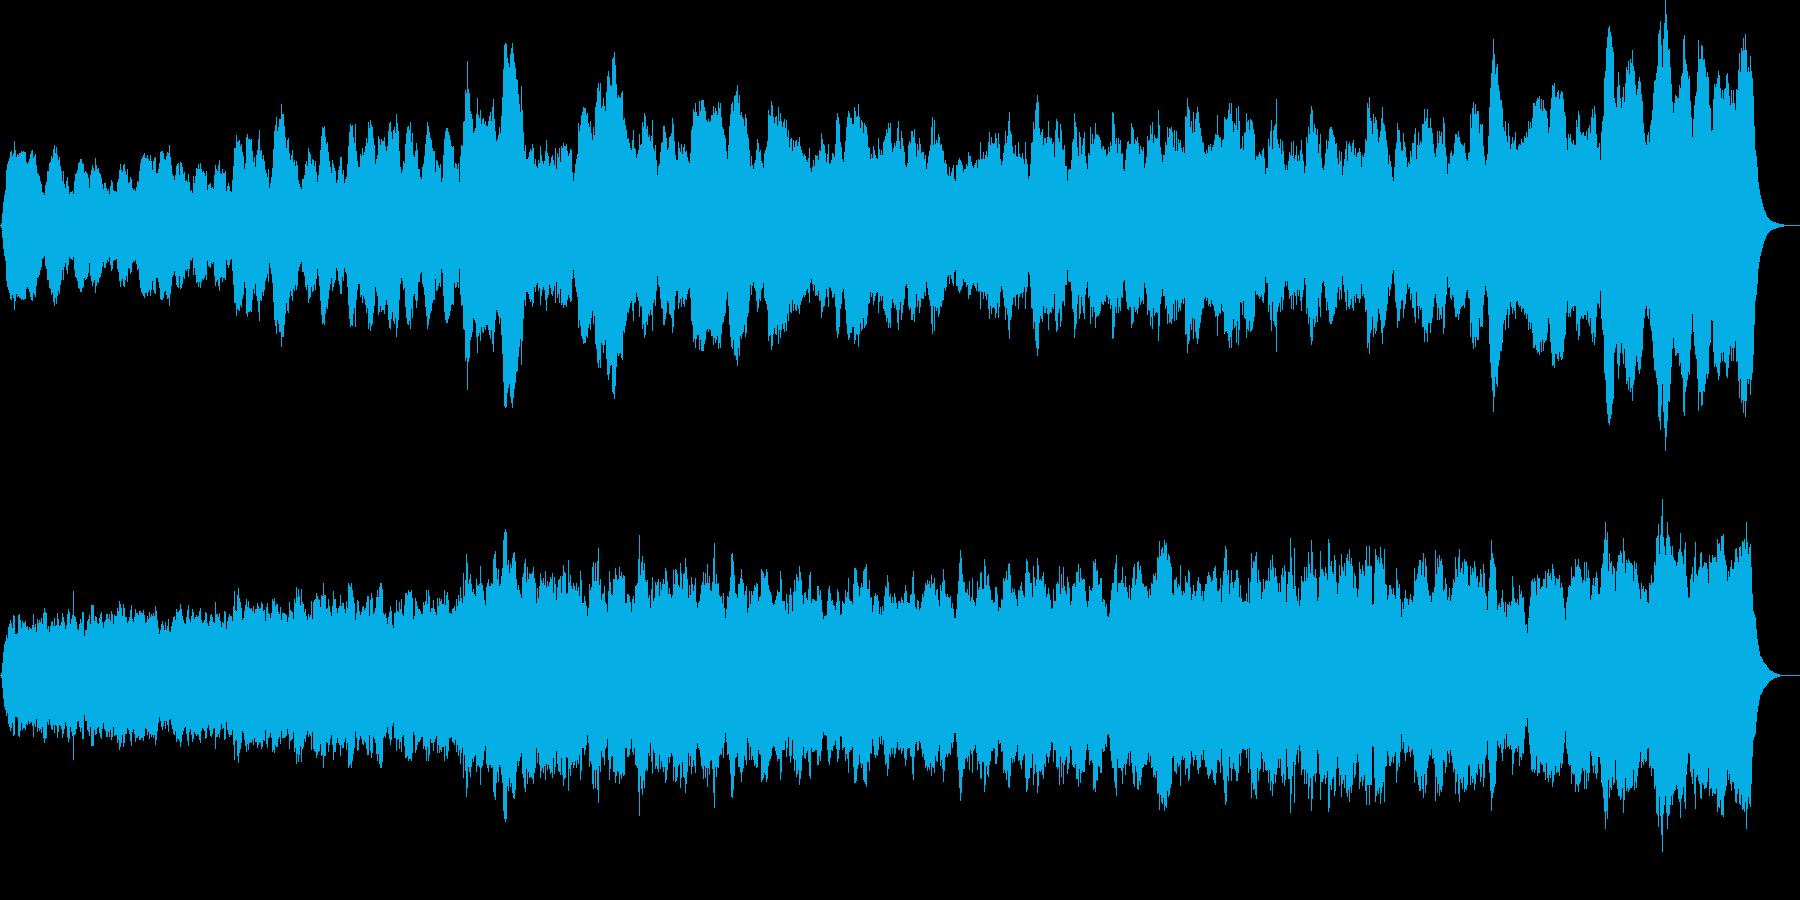 パイプオルガンオリジナル前奏曲の再生済みの波形